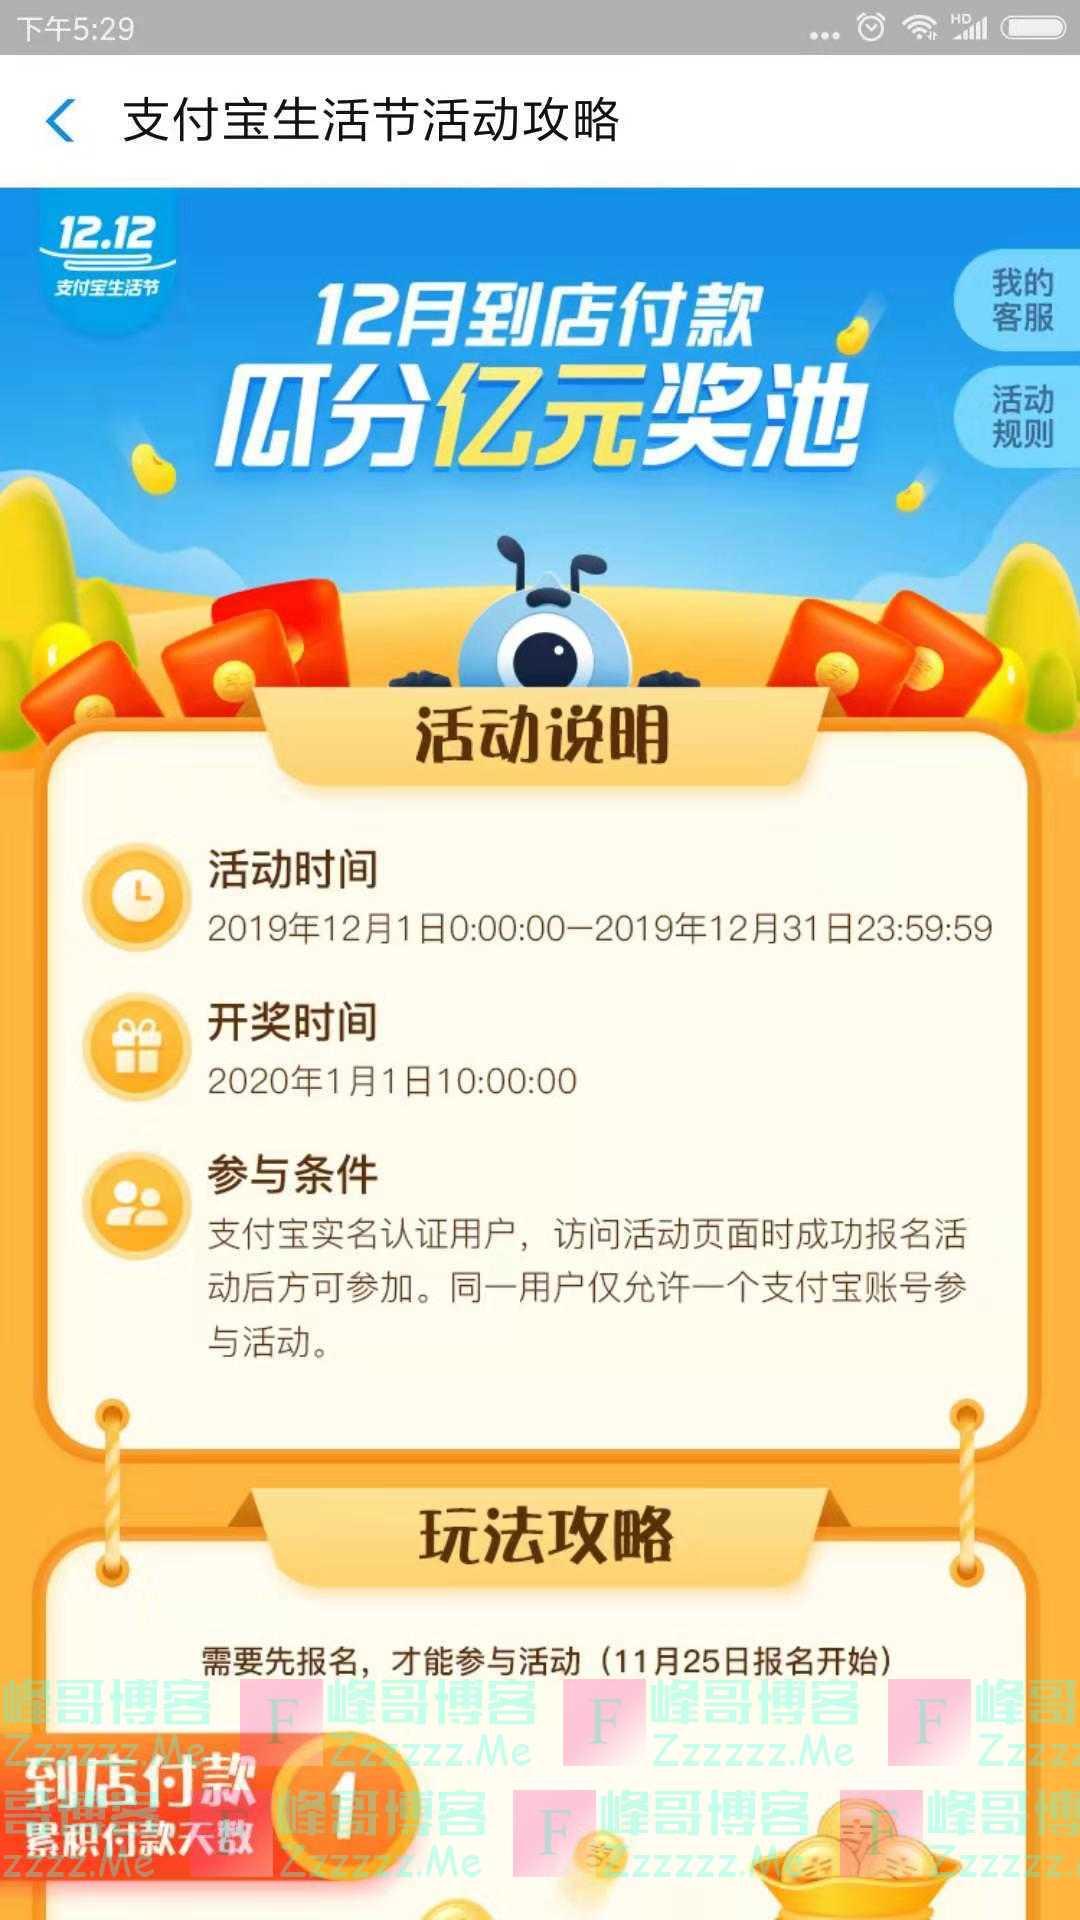 支付宝1212生活节瓜分万元奖池(截止12月31日)